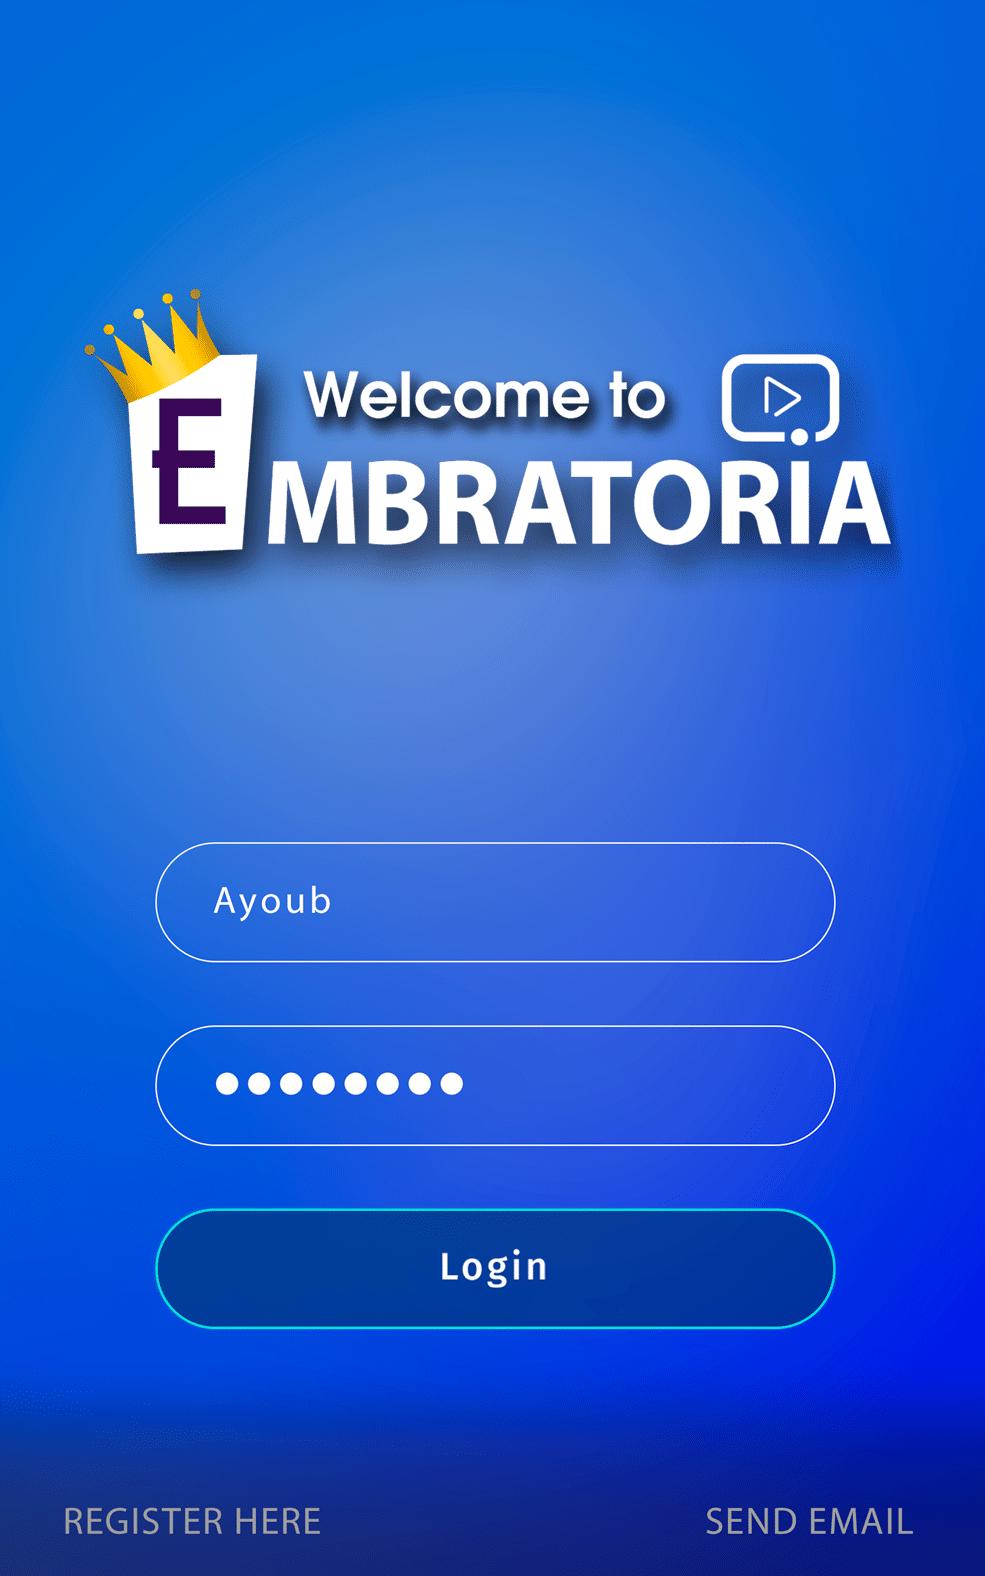 تنزيل برنامج الامبراطورية – تطبيق Embratoria لـ أندرويد